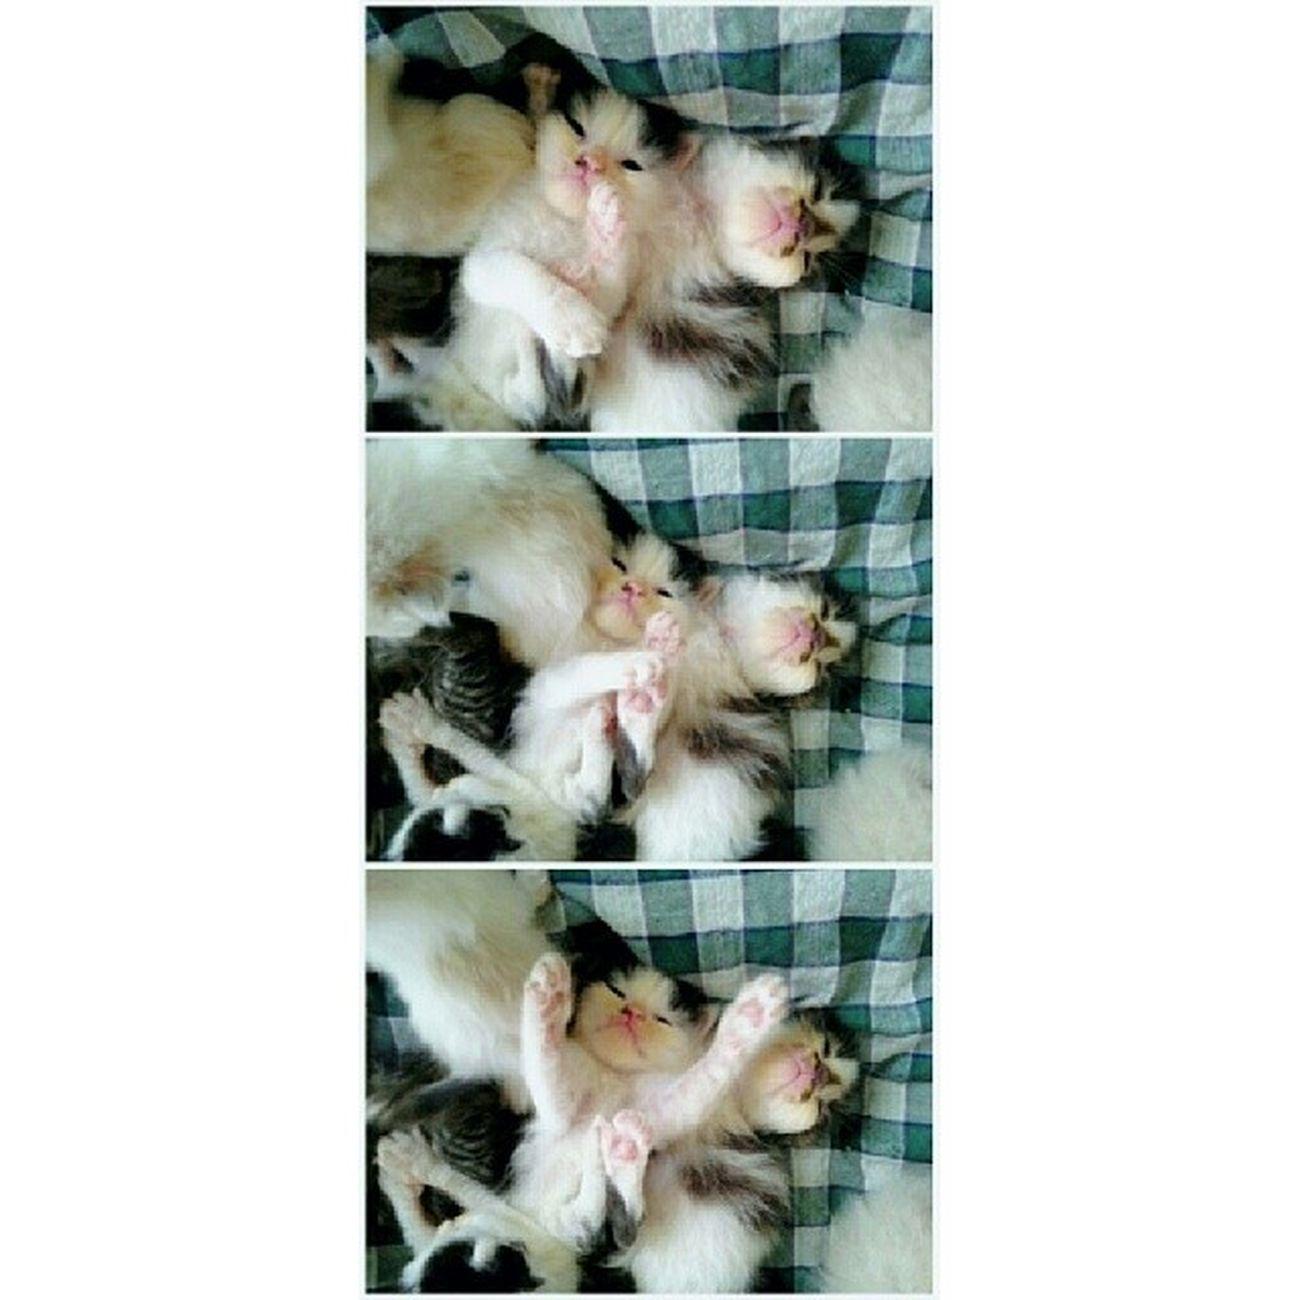 Good morning! Can you hug me? ^_^ Aristacats Kittensofinstagram Kittiesofinstagram Kitty kittycat kitten kucing kot kedici kedi kissa neko gato cat cats_of_instagram catlover igcats igclubcats igmalaysian instakitten instacat meow goodmorning hug